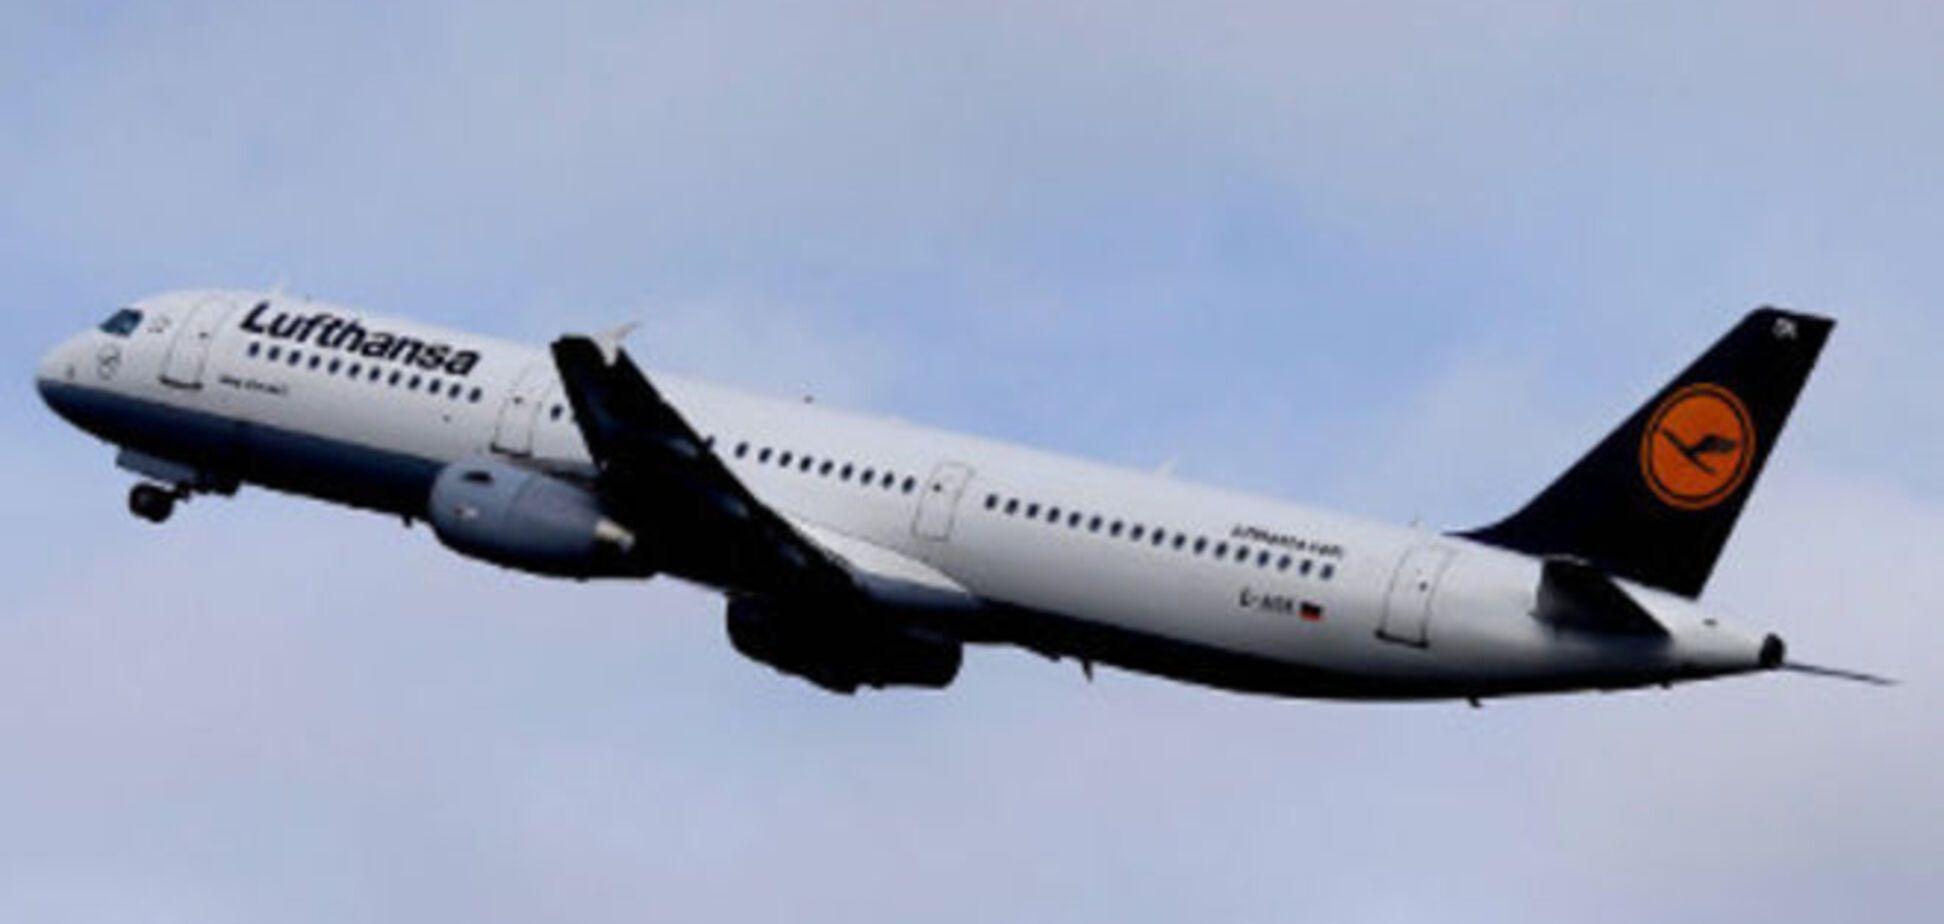 Родичам загиблих пасажирів Airbus A-320 виплатять по 50 тис. євро